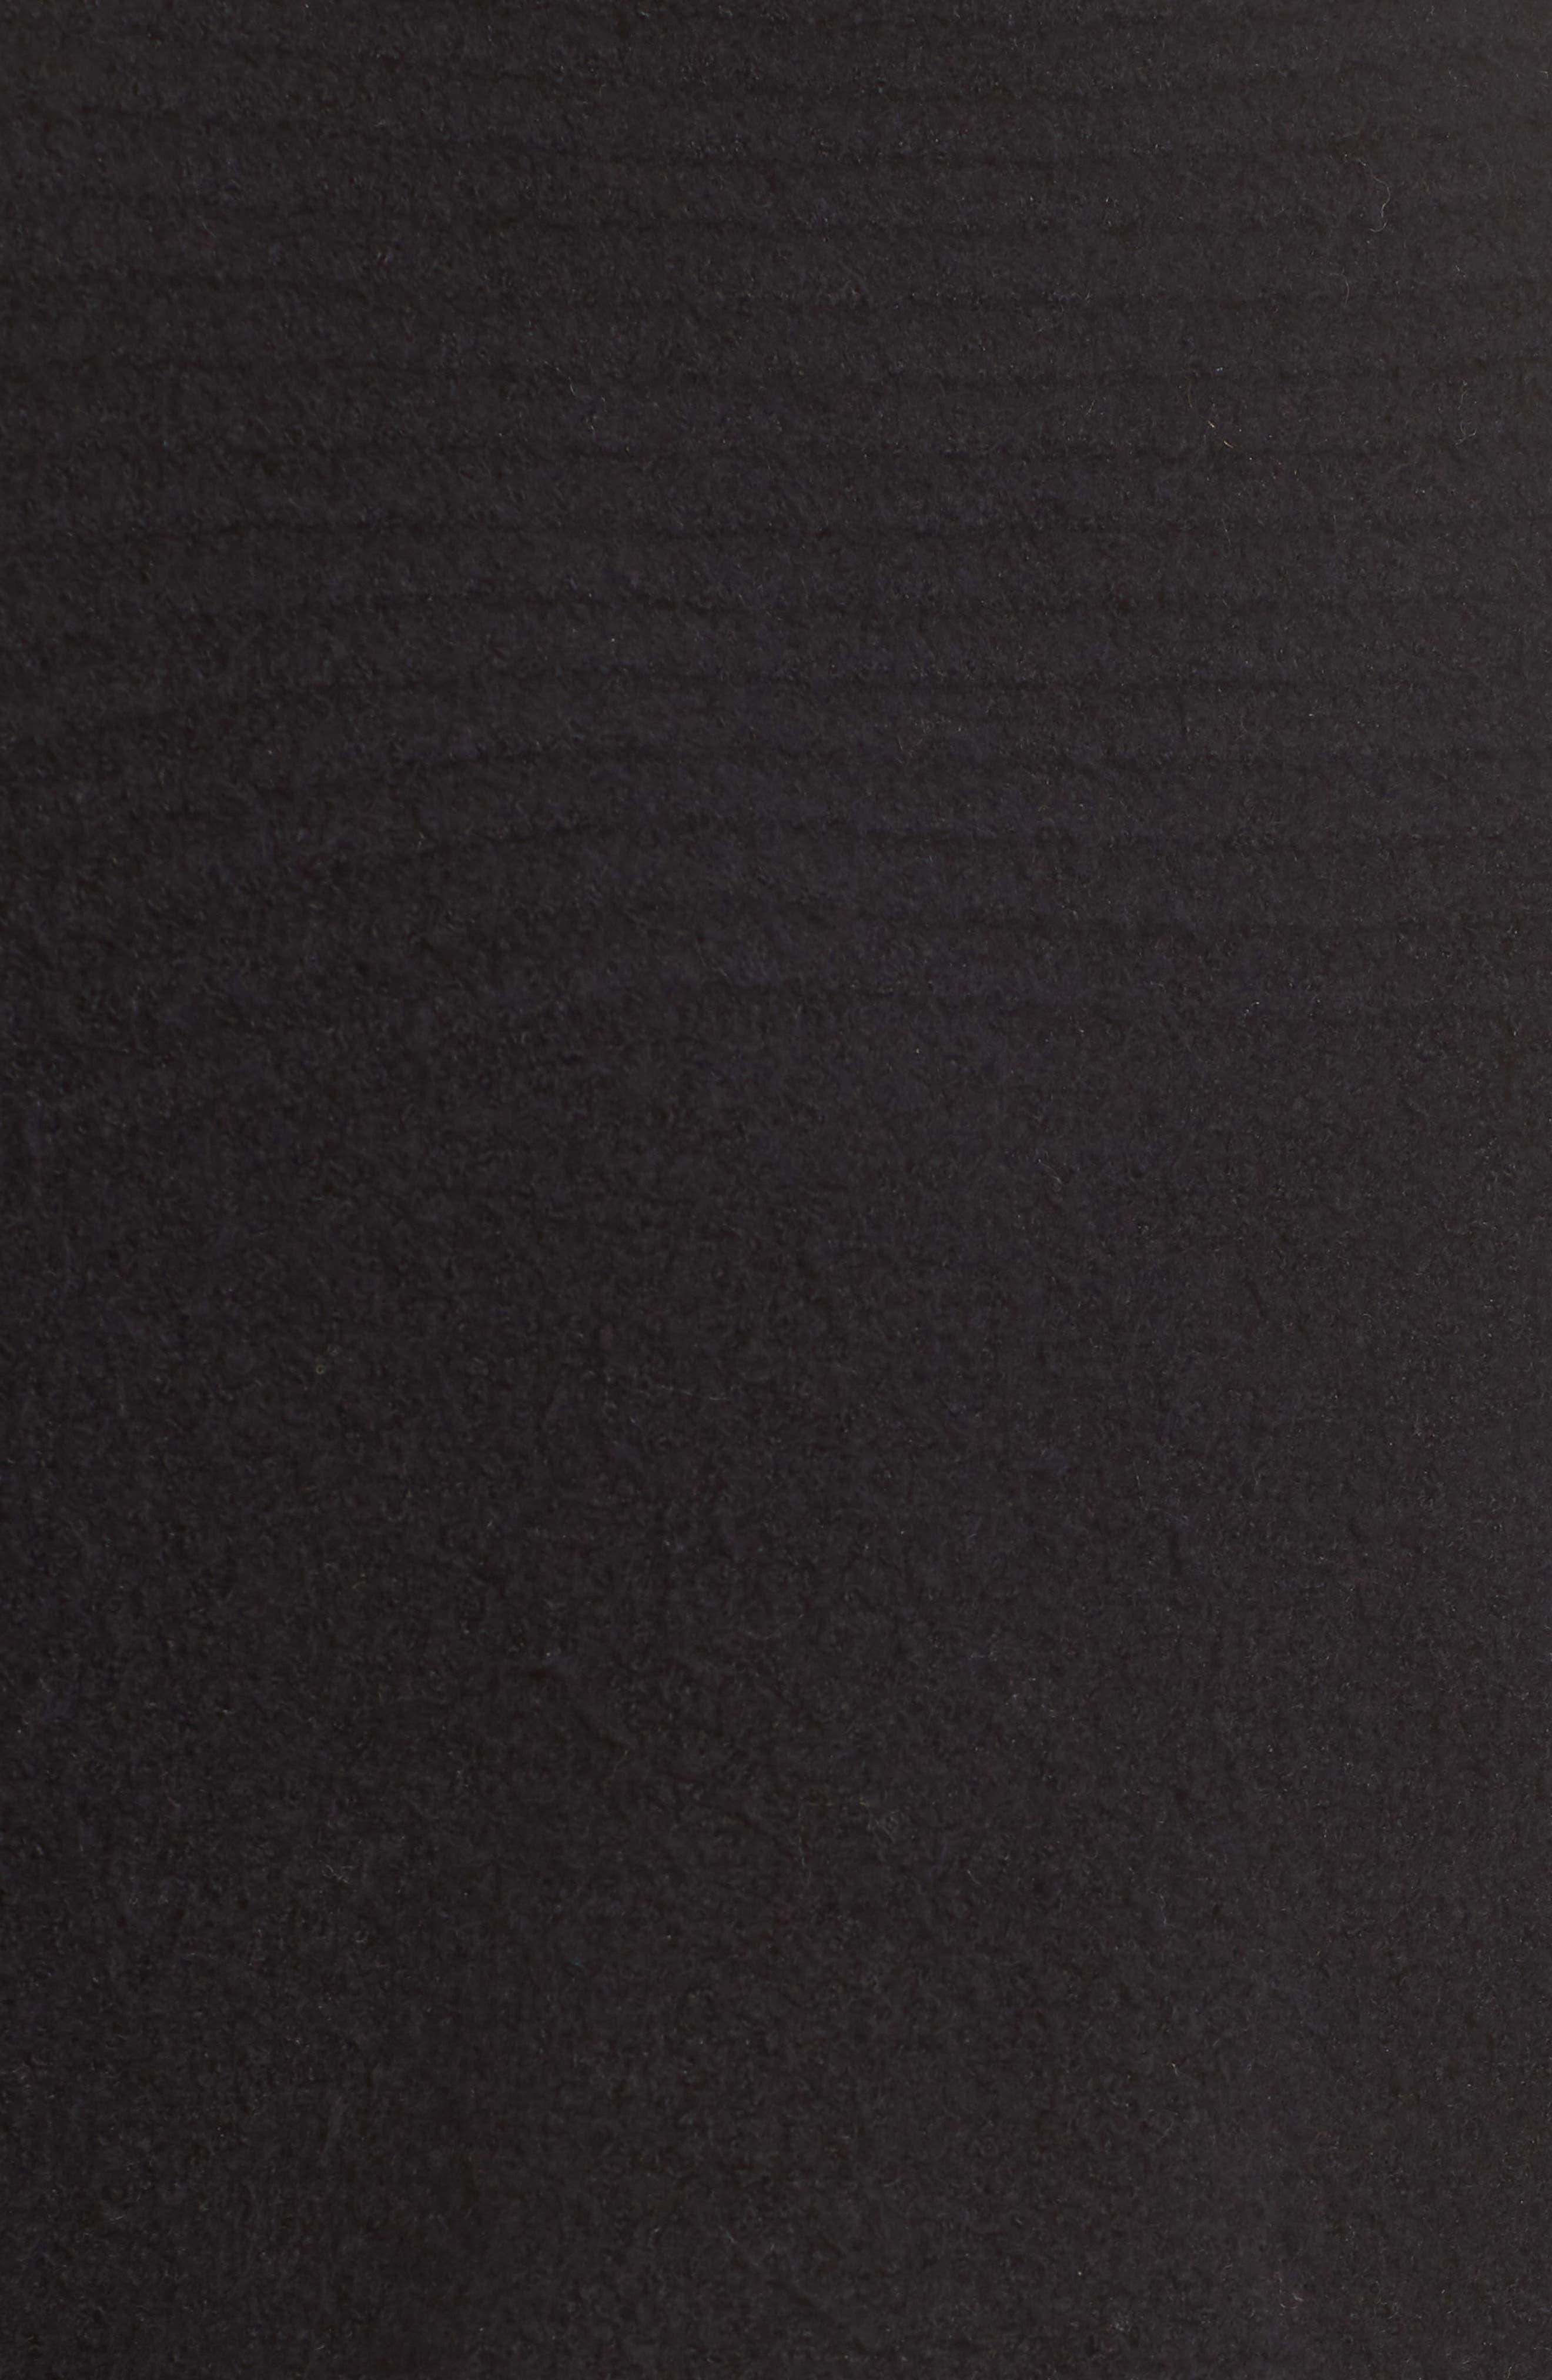 Rib Knit Turtleneck Poncho,                             Alternate thumbnail 5, color,                             BLACK